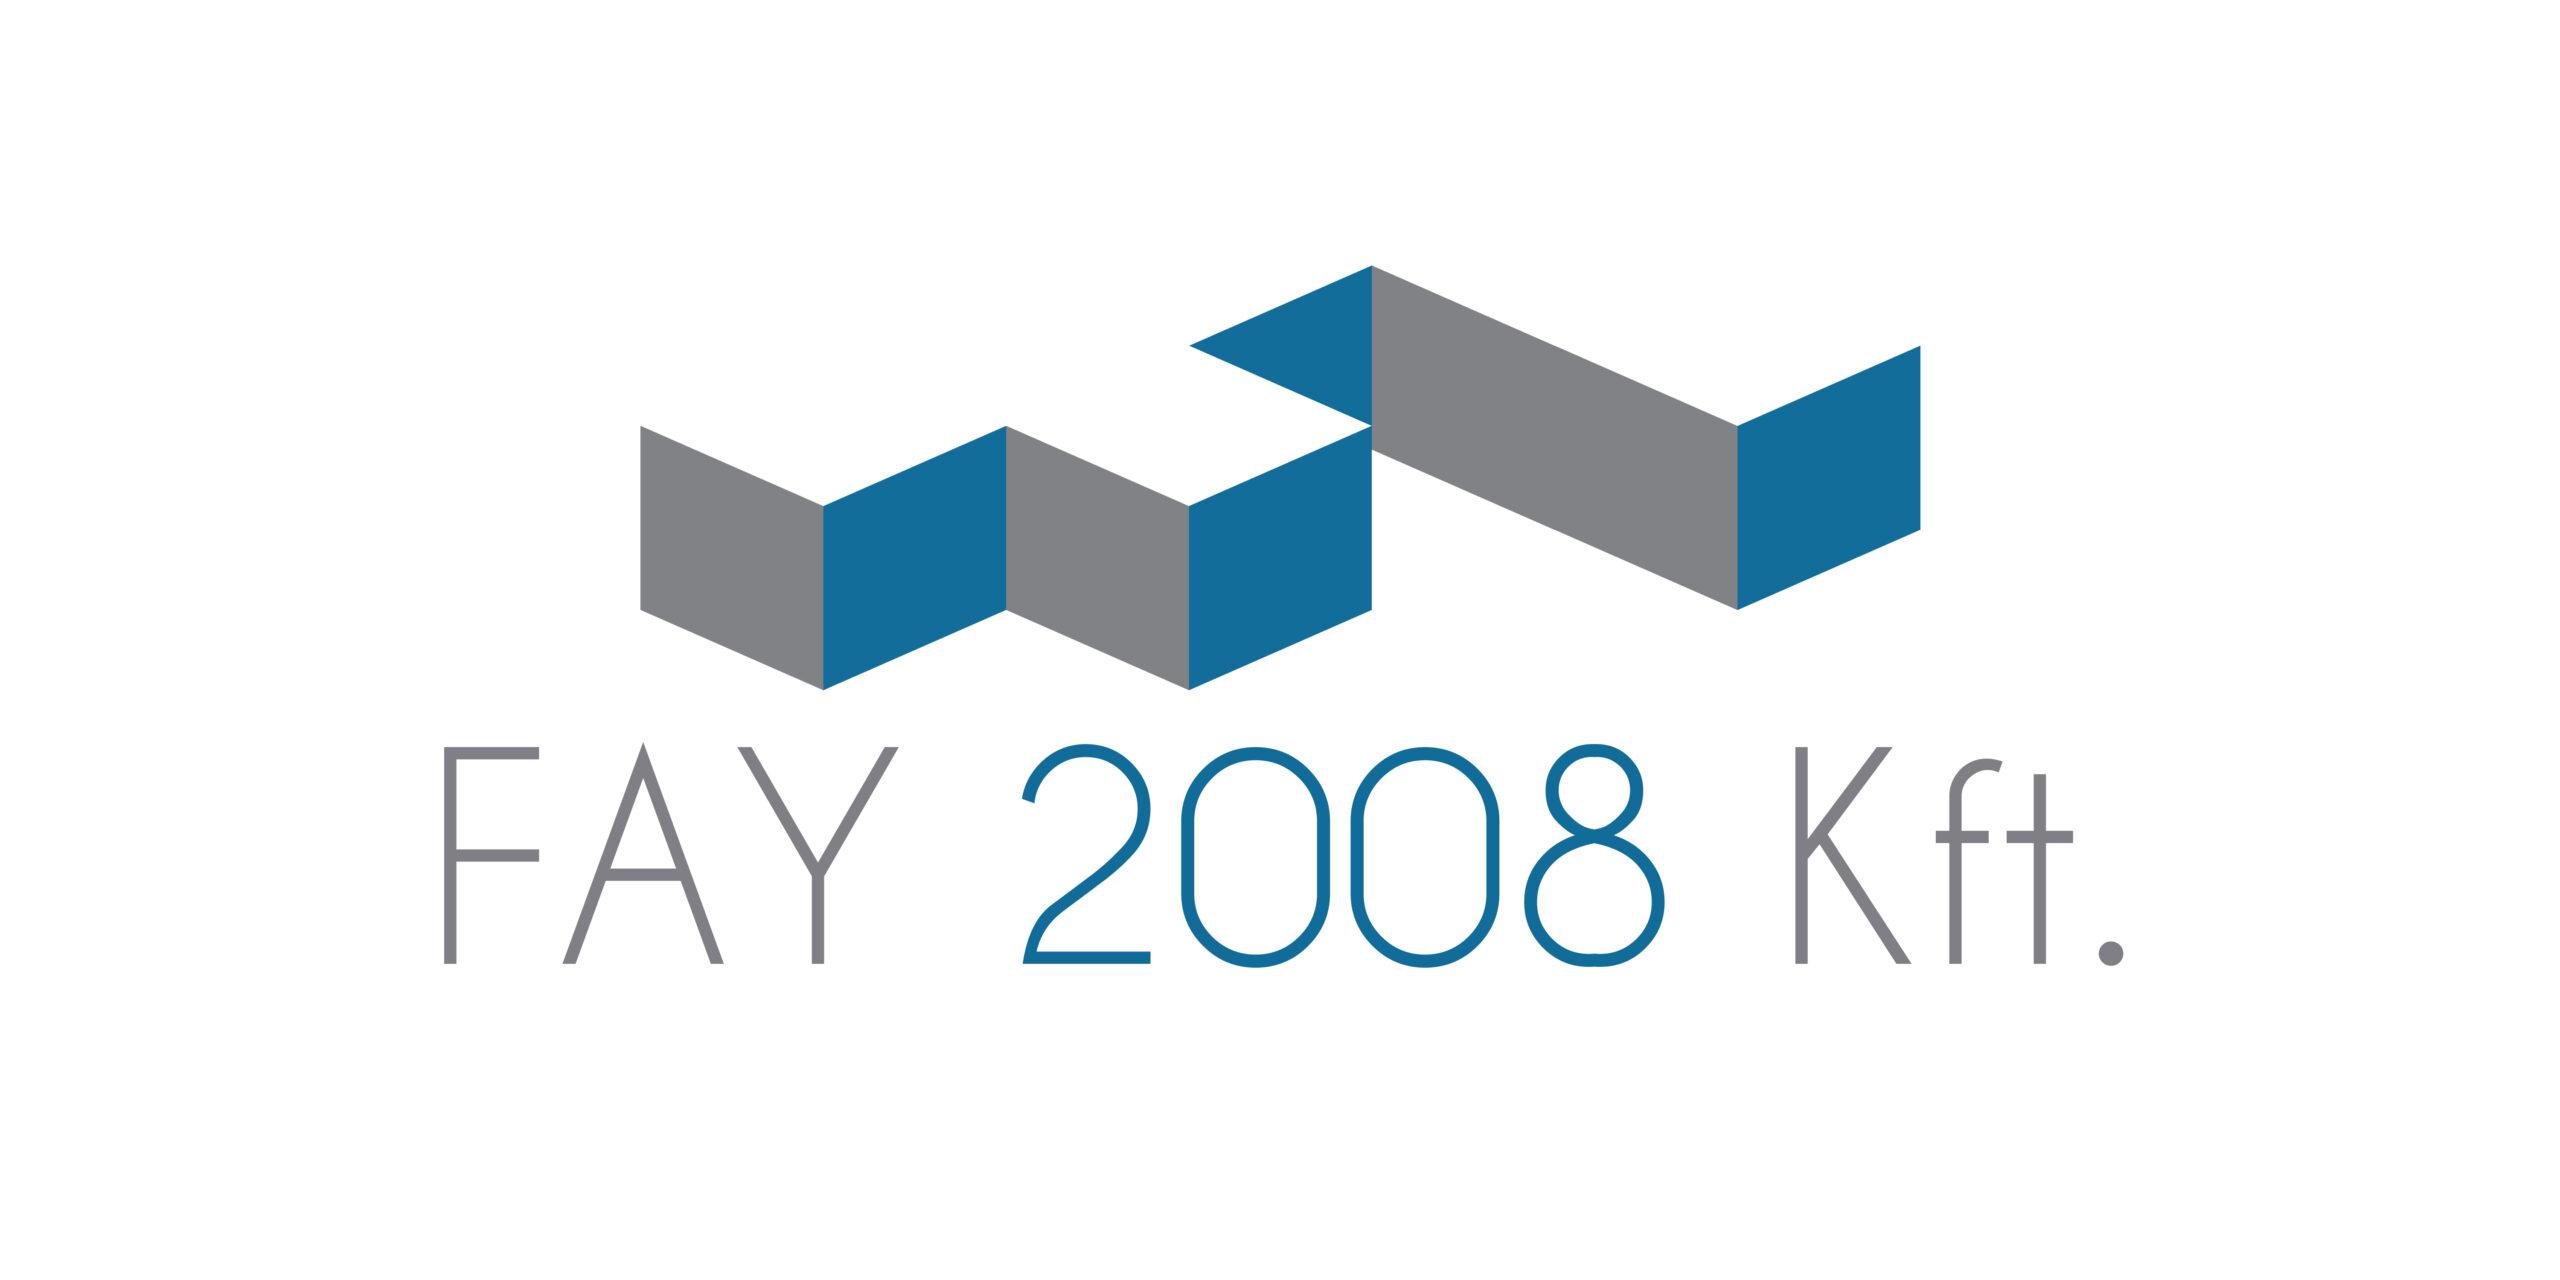 Fay 2008